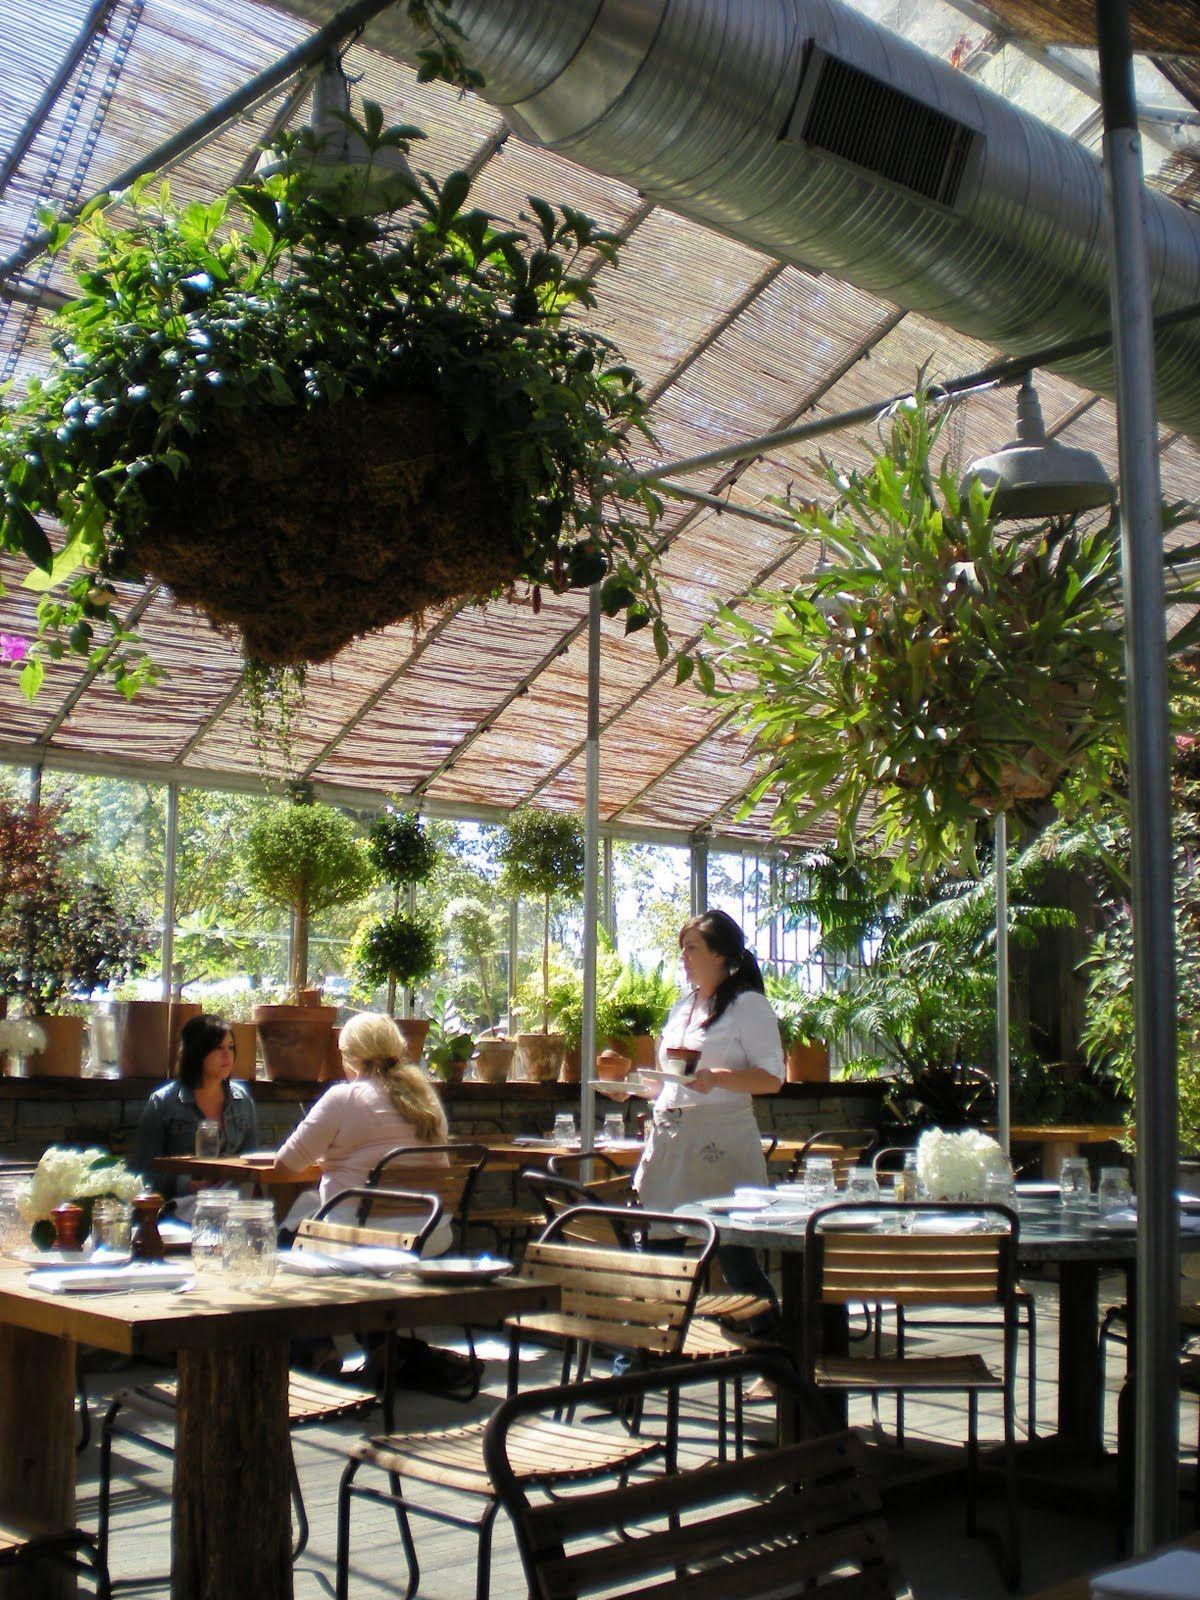 Styer's Garden Cafe Garden cafe, Greenhouse cafe